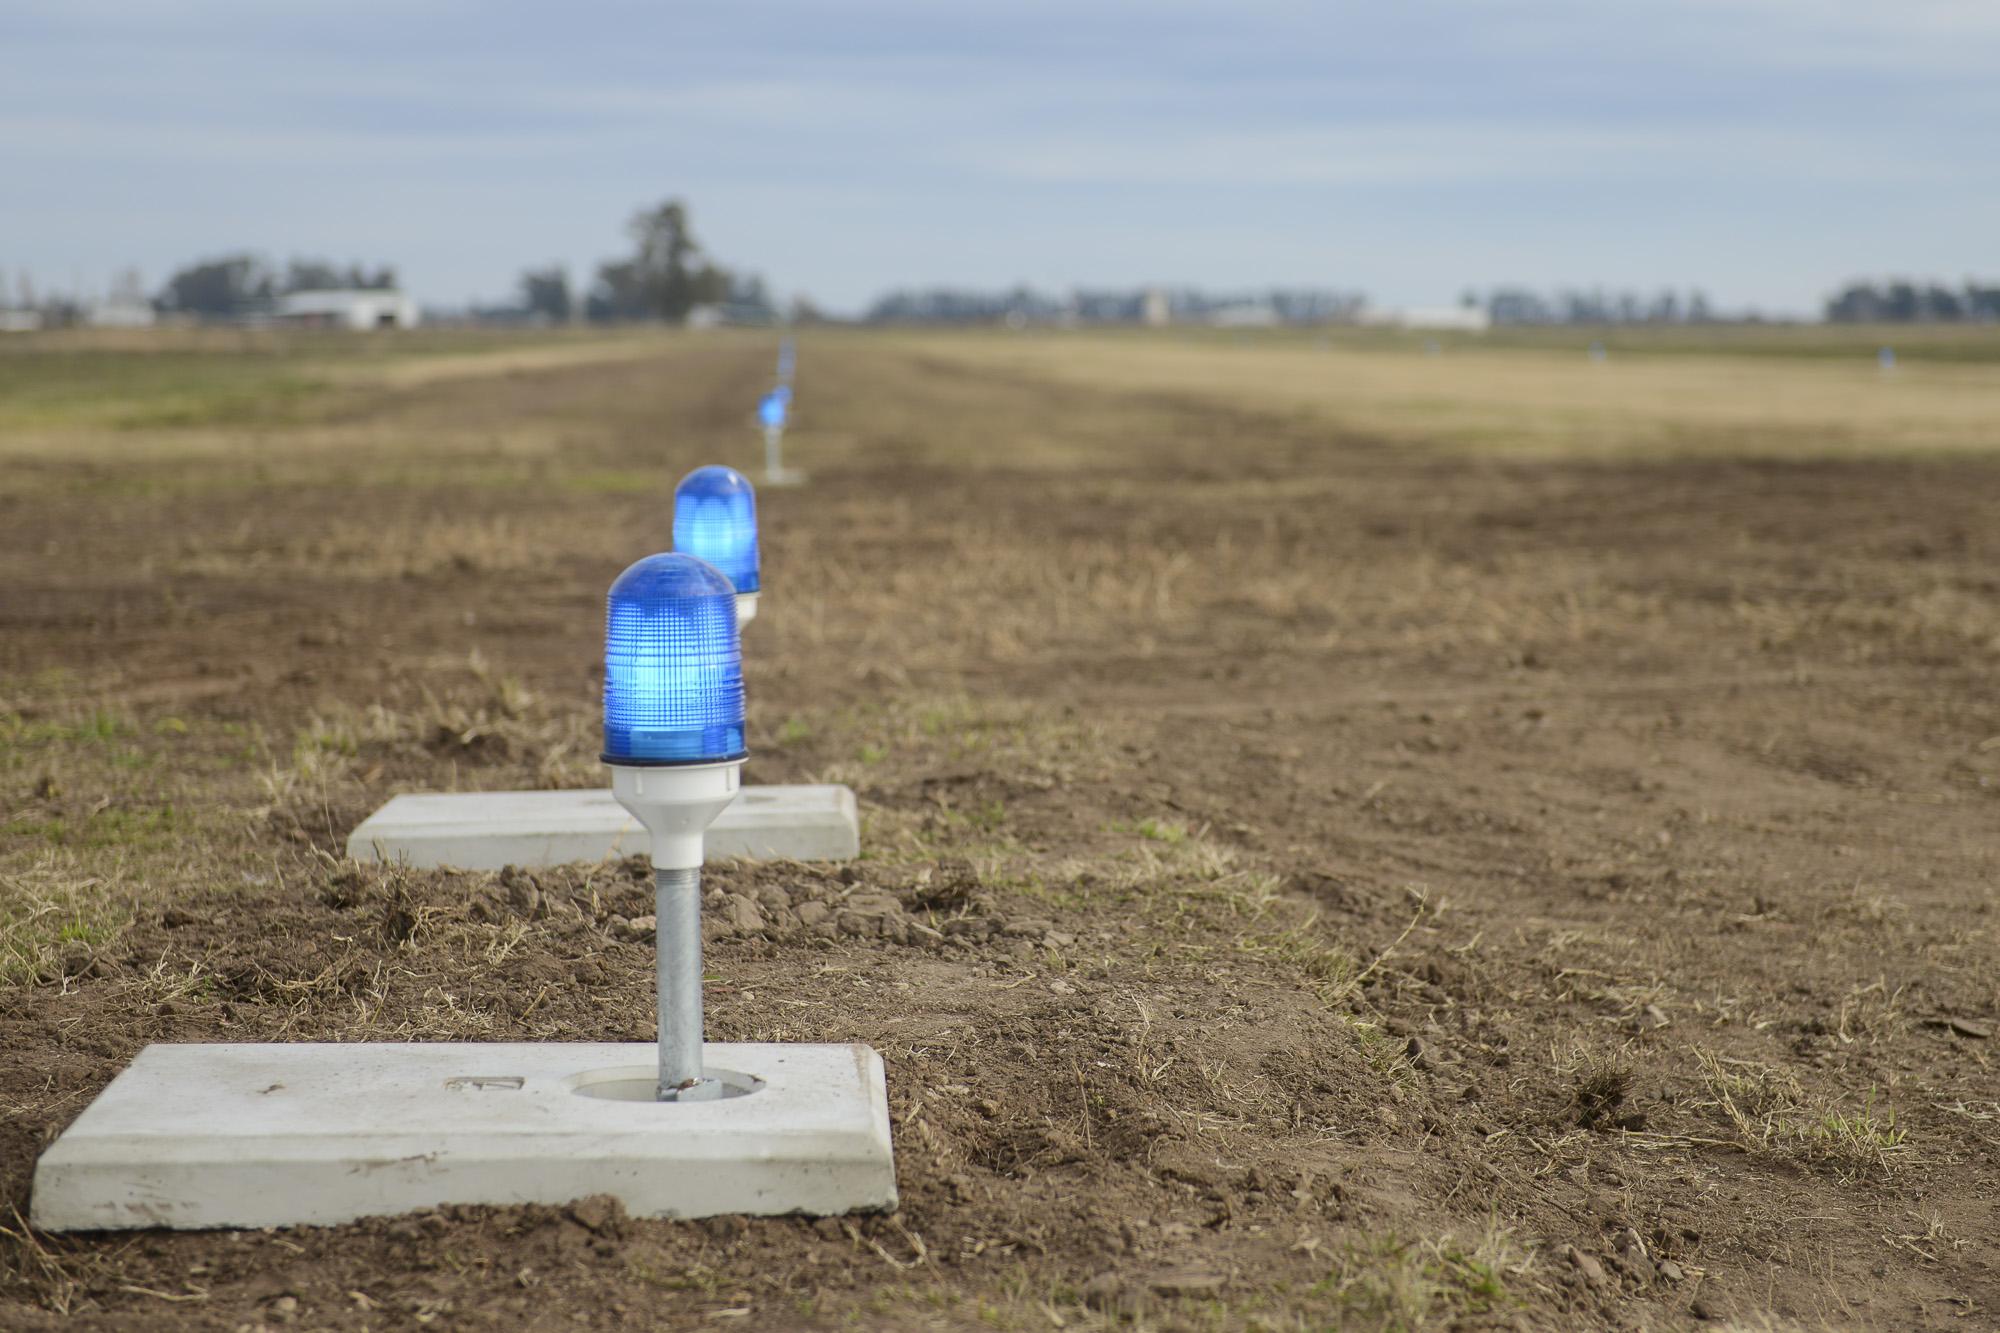 Argentina: El Aeródromo de General Villegas ya puede operar de noche